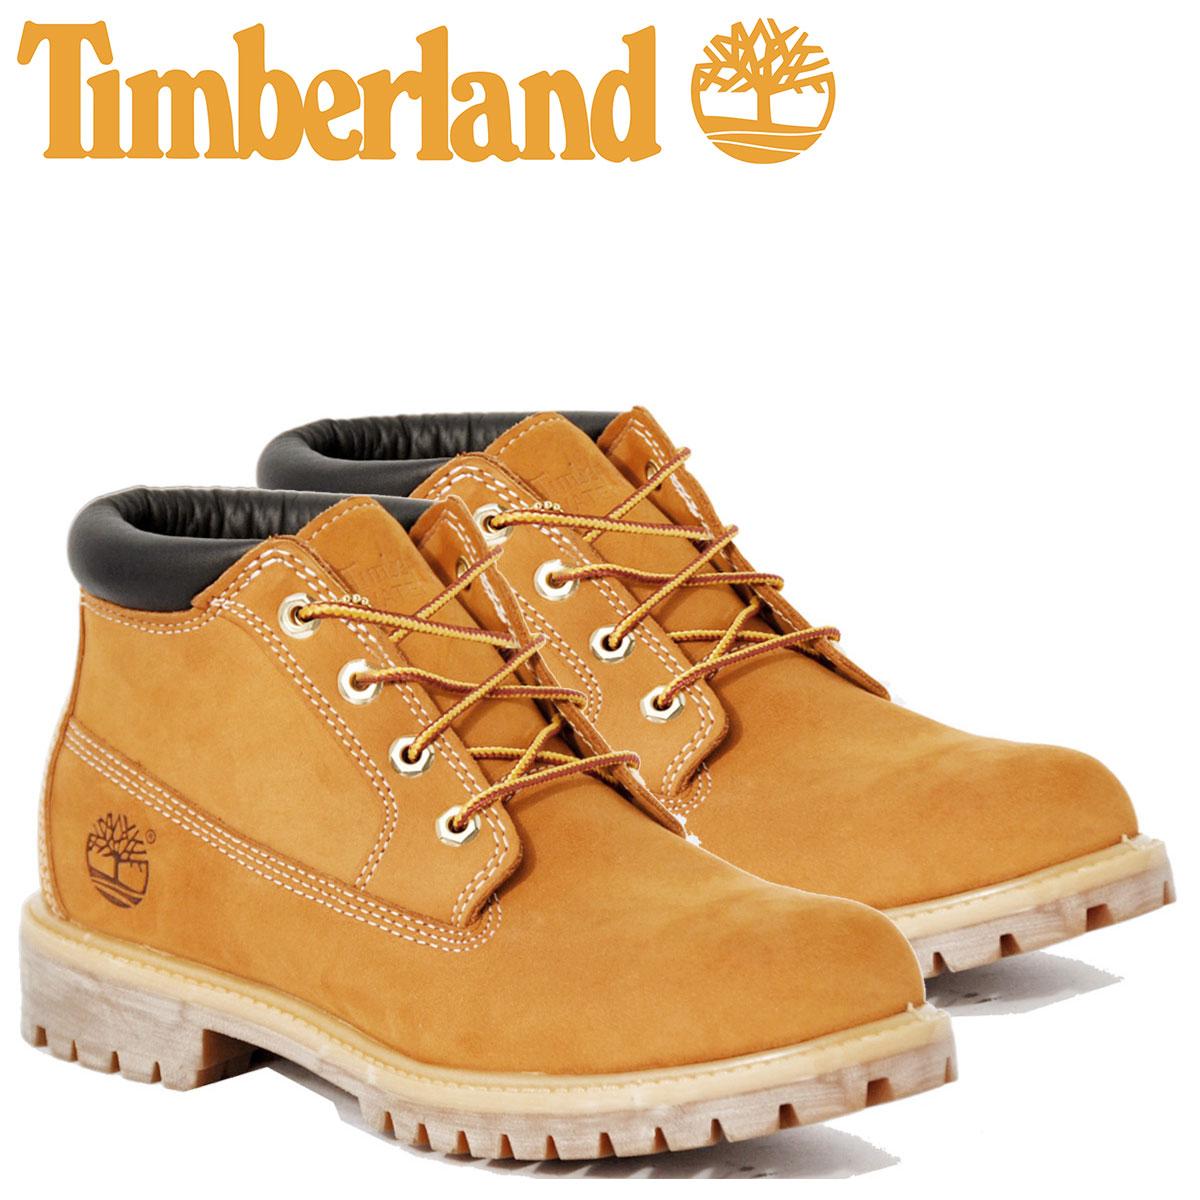 Timberland ブーツ チャッカ メンズ ティンバーランド WATERPROOF CHUKKA BOOT 23061 Wワイズ 防水 [4/27 再入荷]